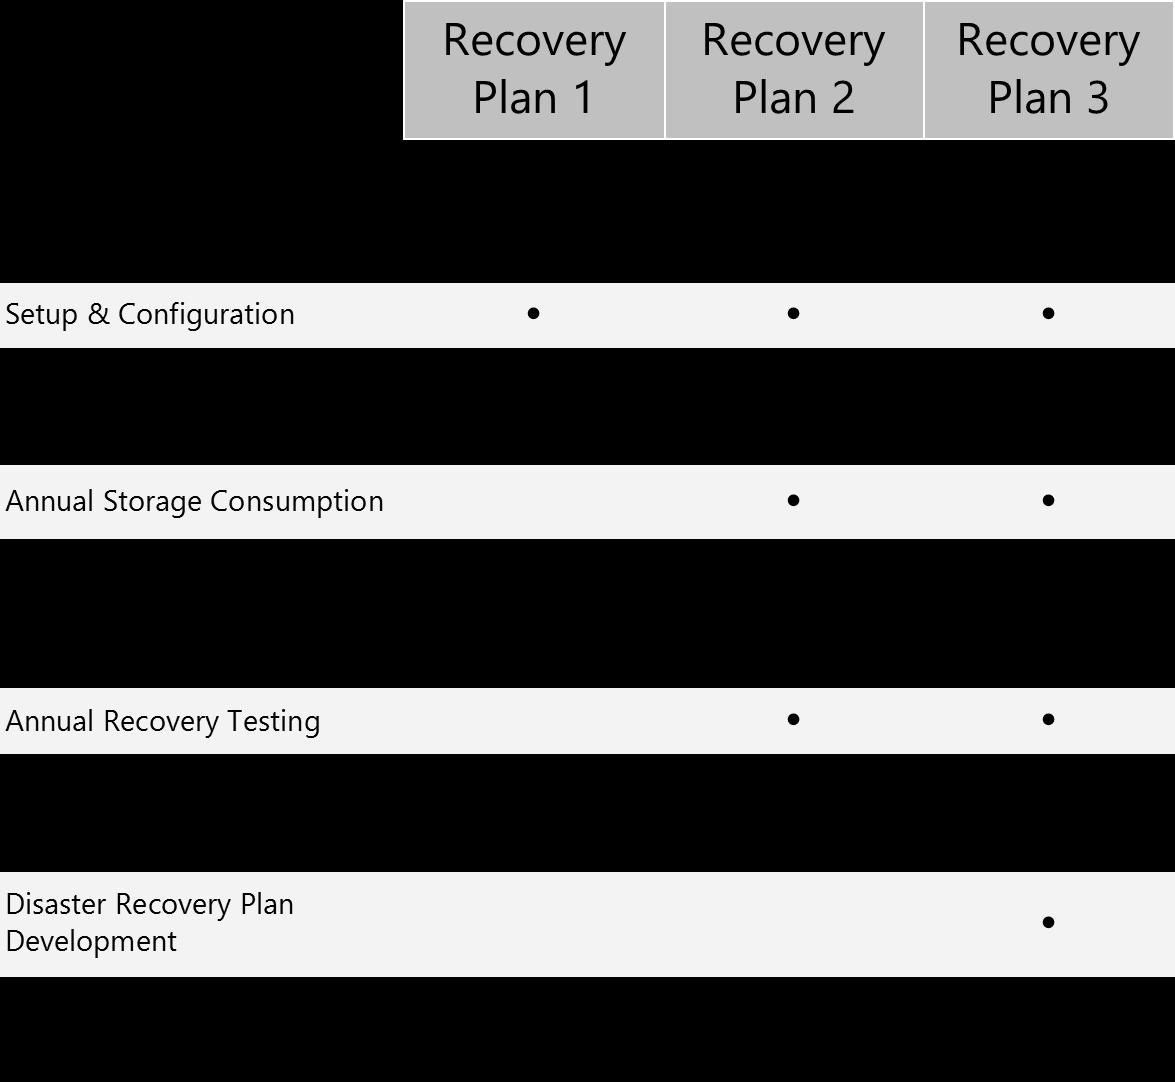 RecoveryPlans